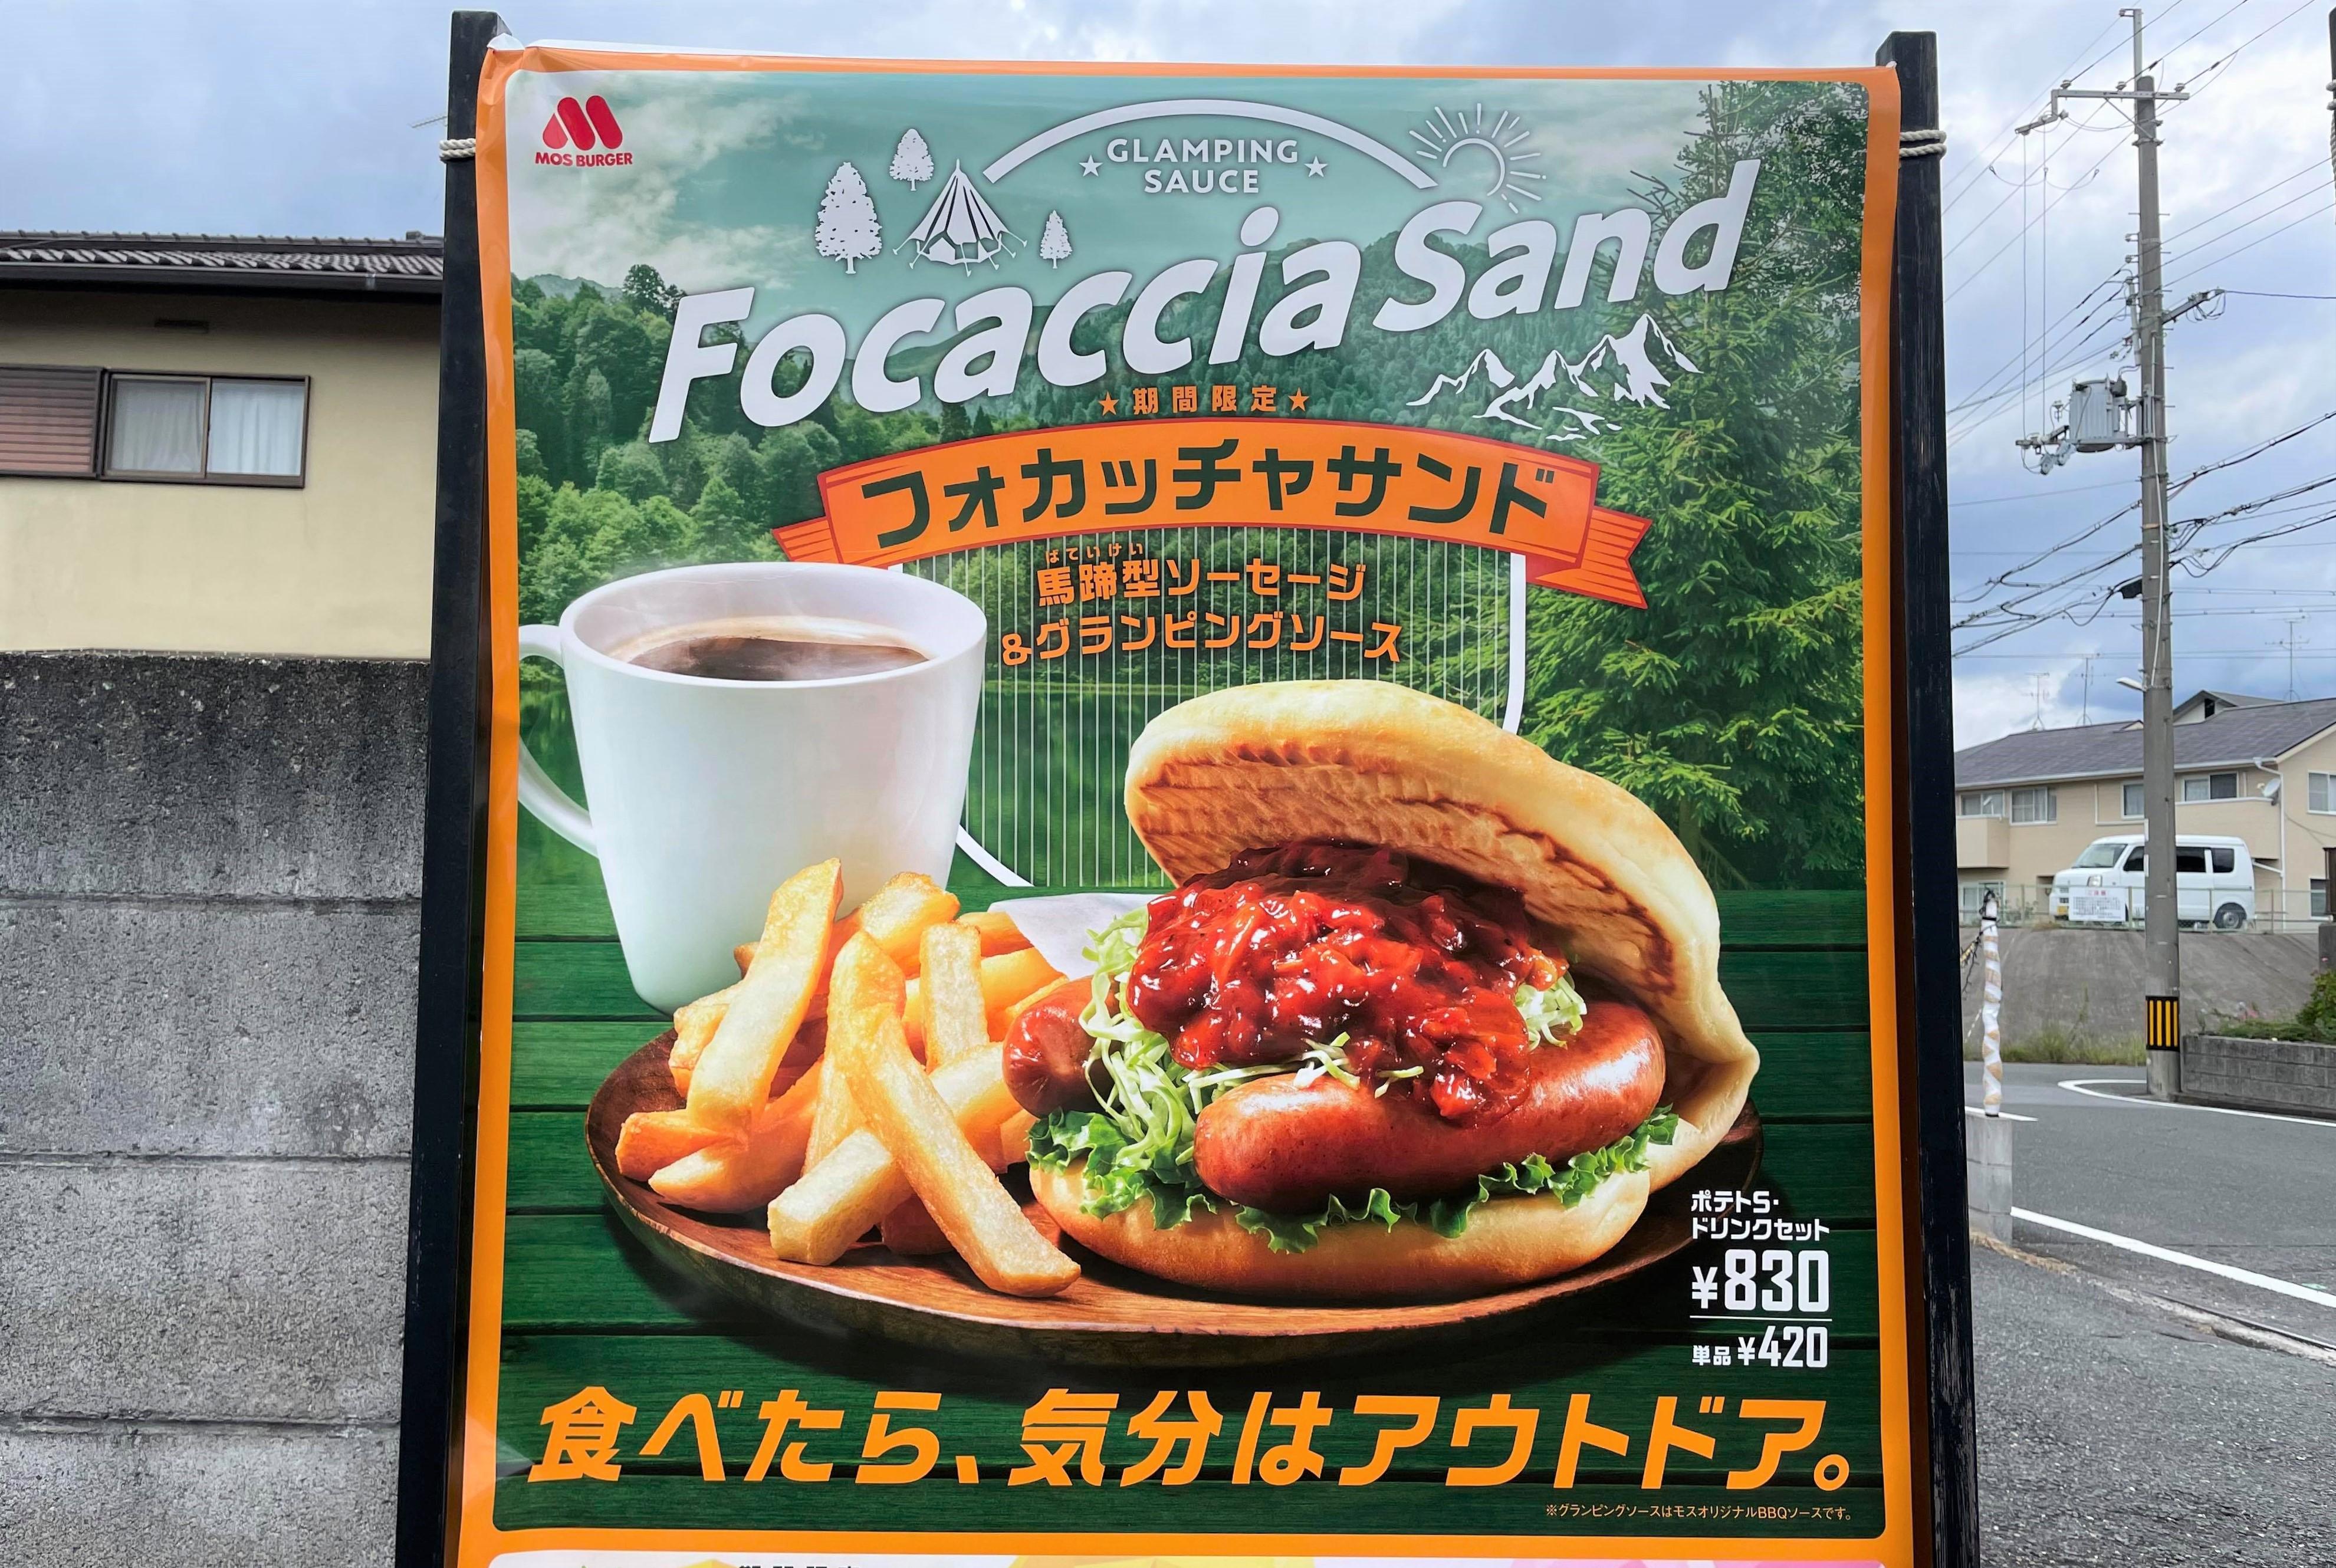 """モスの『フォカッチャサンド 馬蹄型ソーセージ&グランピングソース』は特にソースがウマい!! 口に入れた瞬間 """"木々の香り"""" が広がるぞ"""